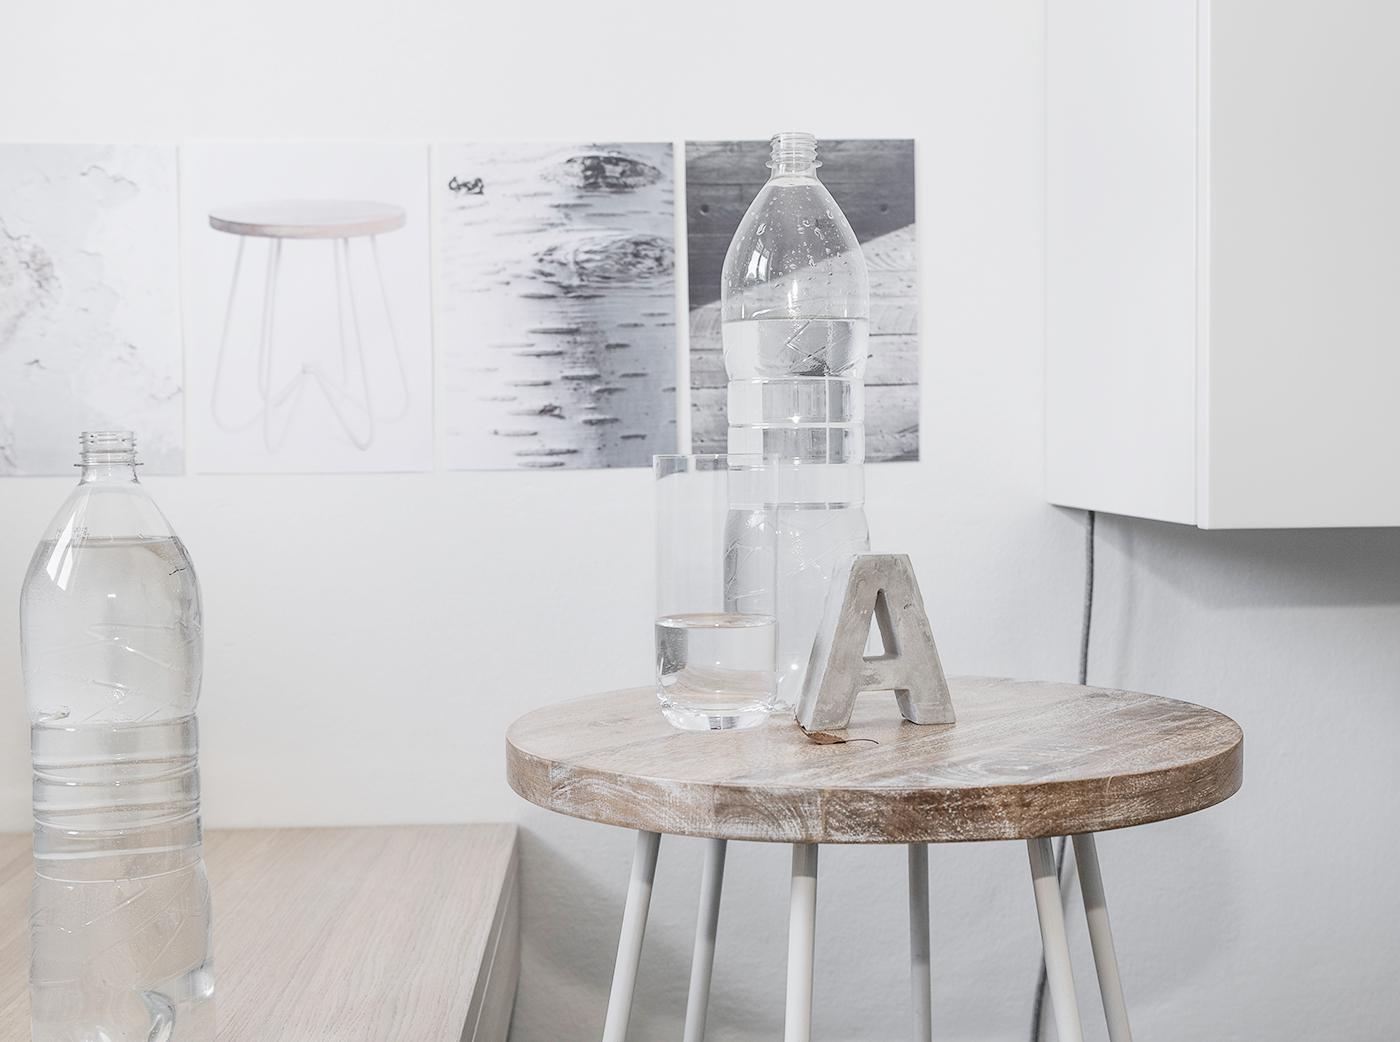 design beistelltisch ein kleinm bel im einsatz sch n. Black Bedroom Furniture Sets. Home Design Ideas